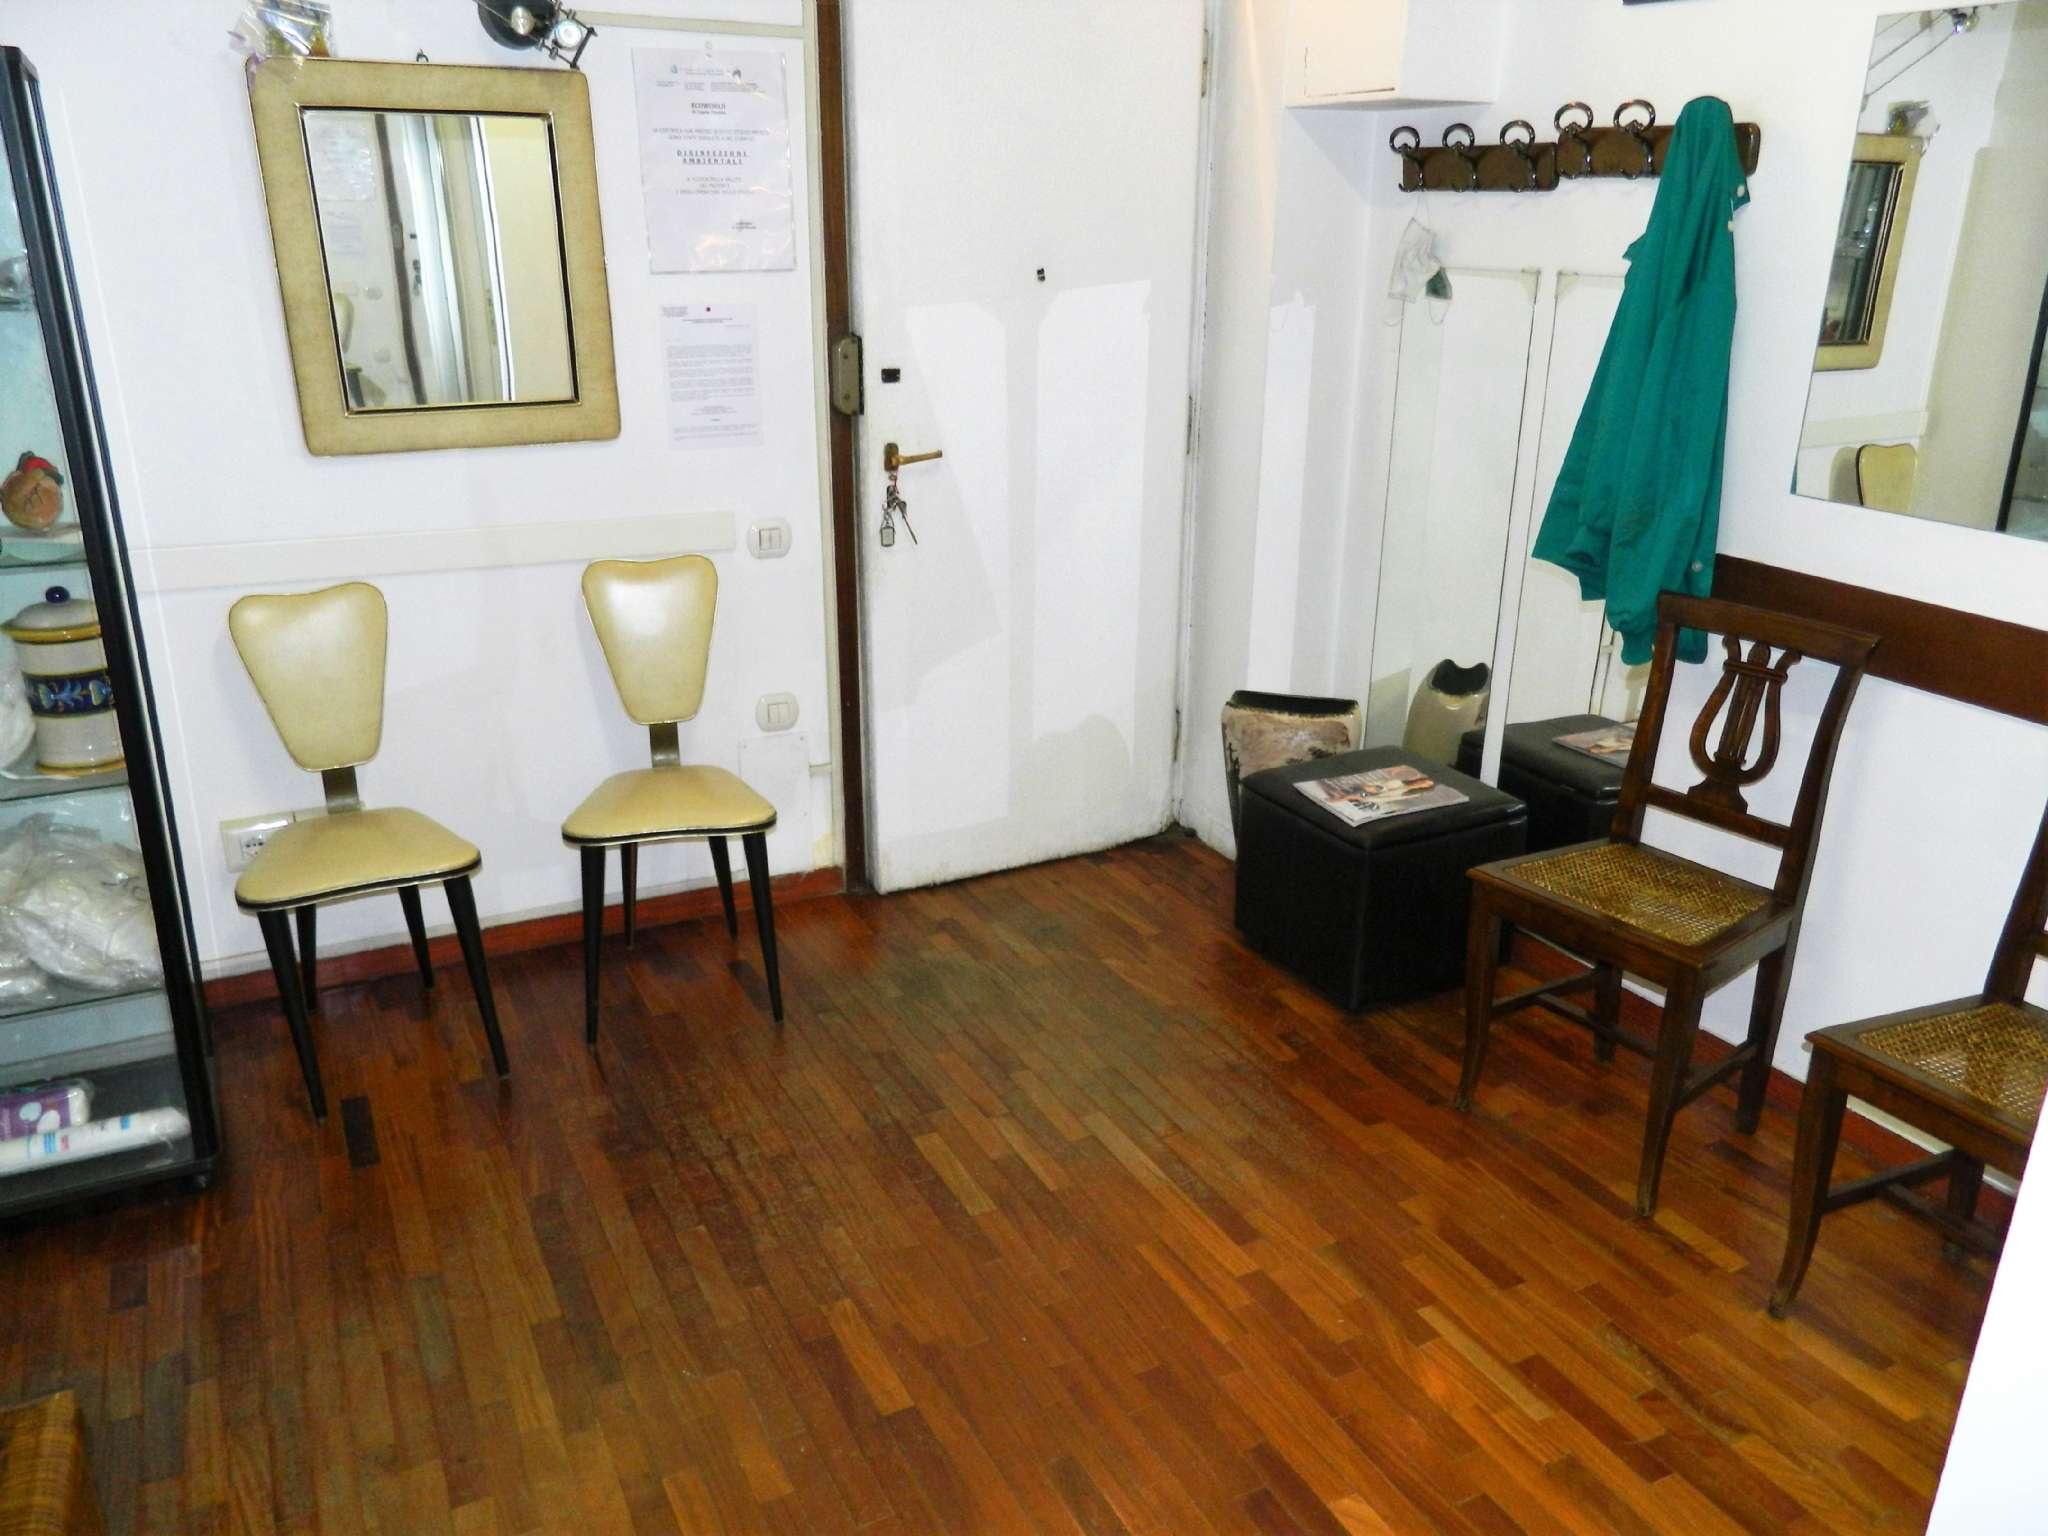 Appartamento in Vendita a Milano 25 Cassala / Famagosta / Lorenteggio / Barona:  2 locali, 39 mq  - Foto 1